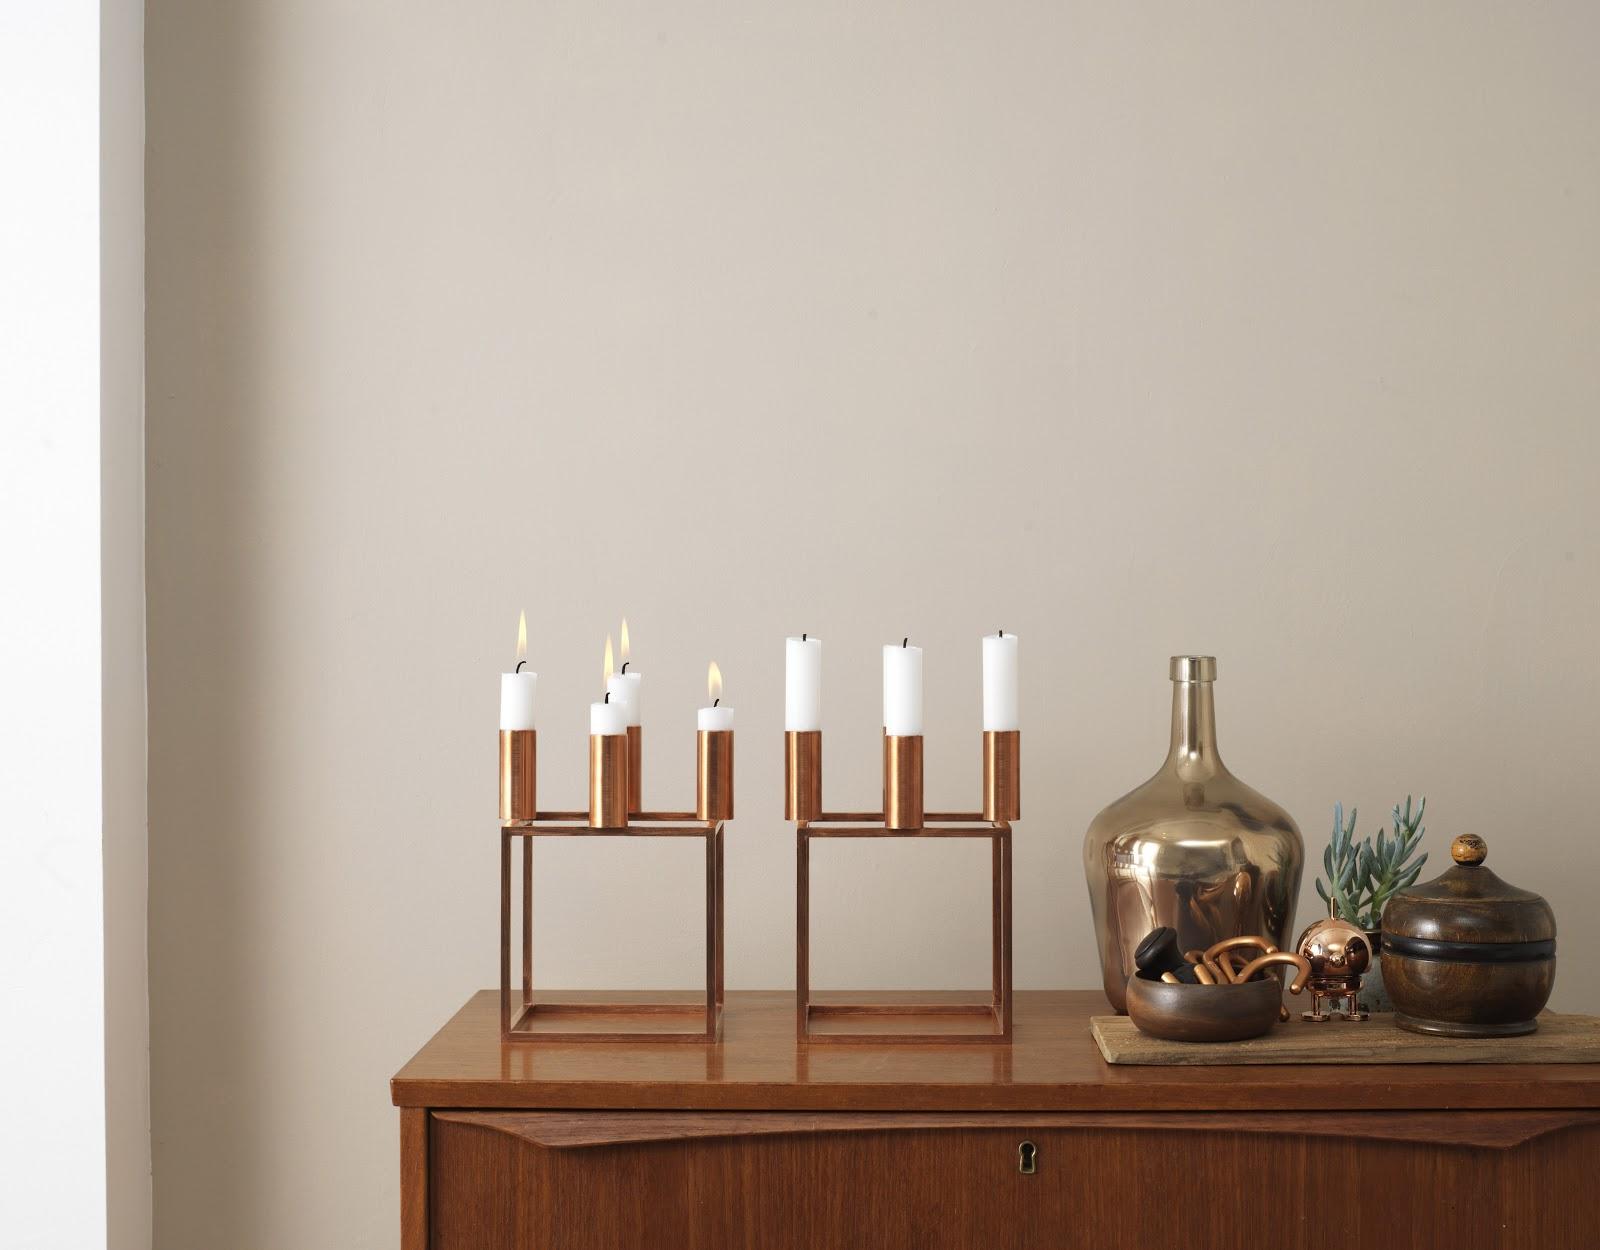 zanz blogg copper kubus. Black Bedroom Furniture Sets. Home Design Ideas